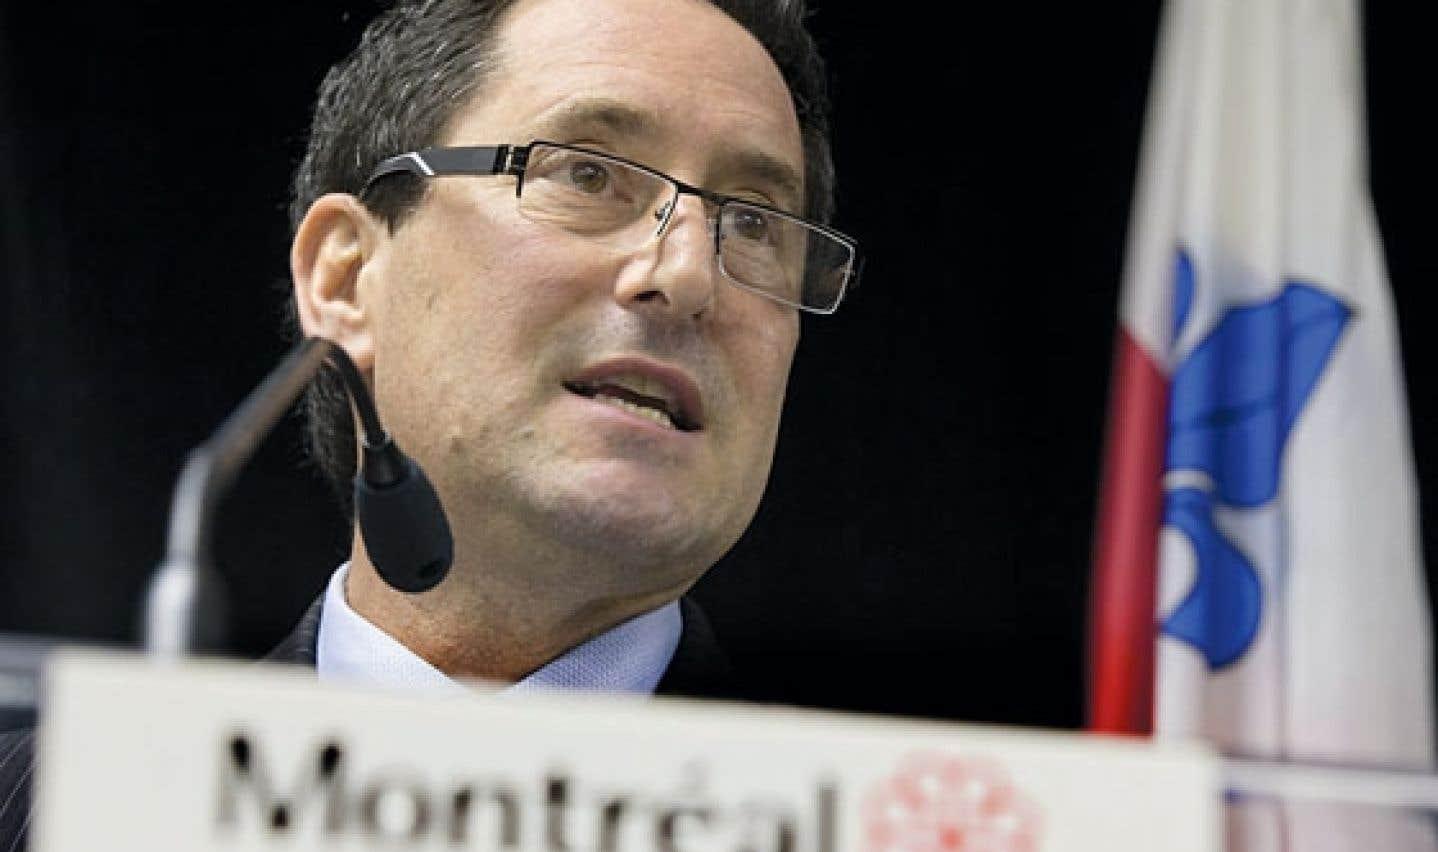 Étude secrète : Montréal fait appel à l'UPAC